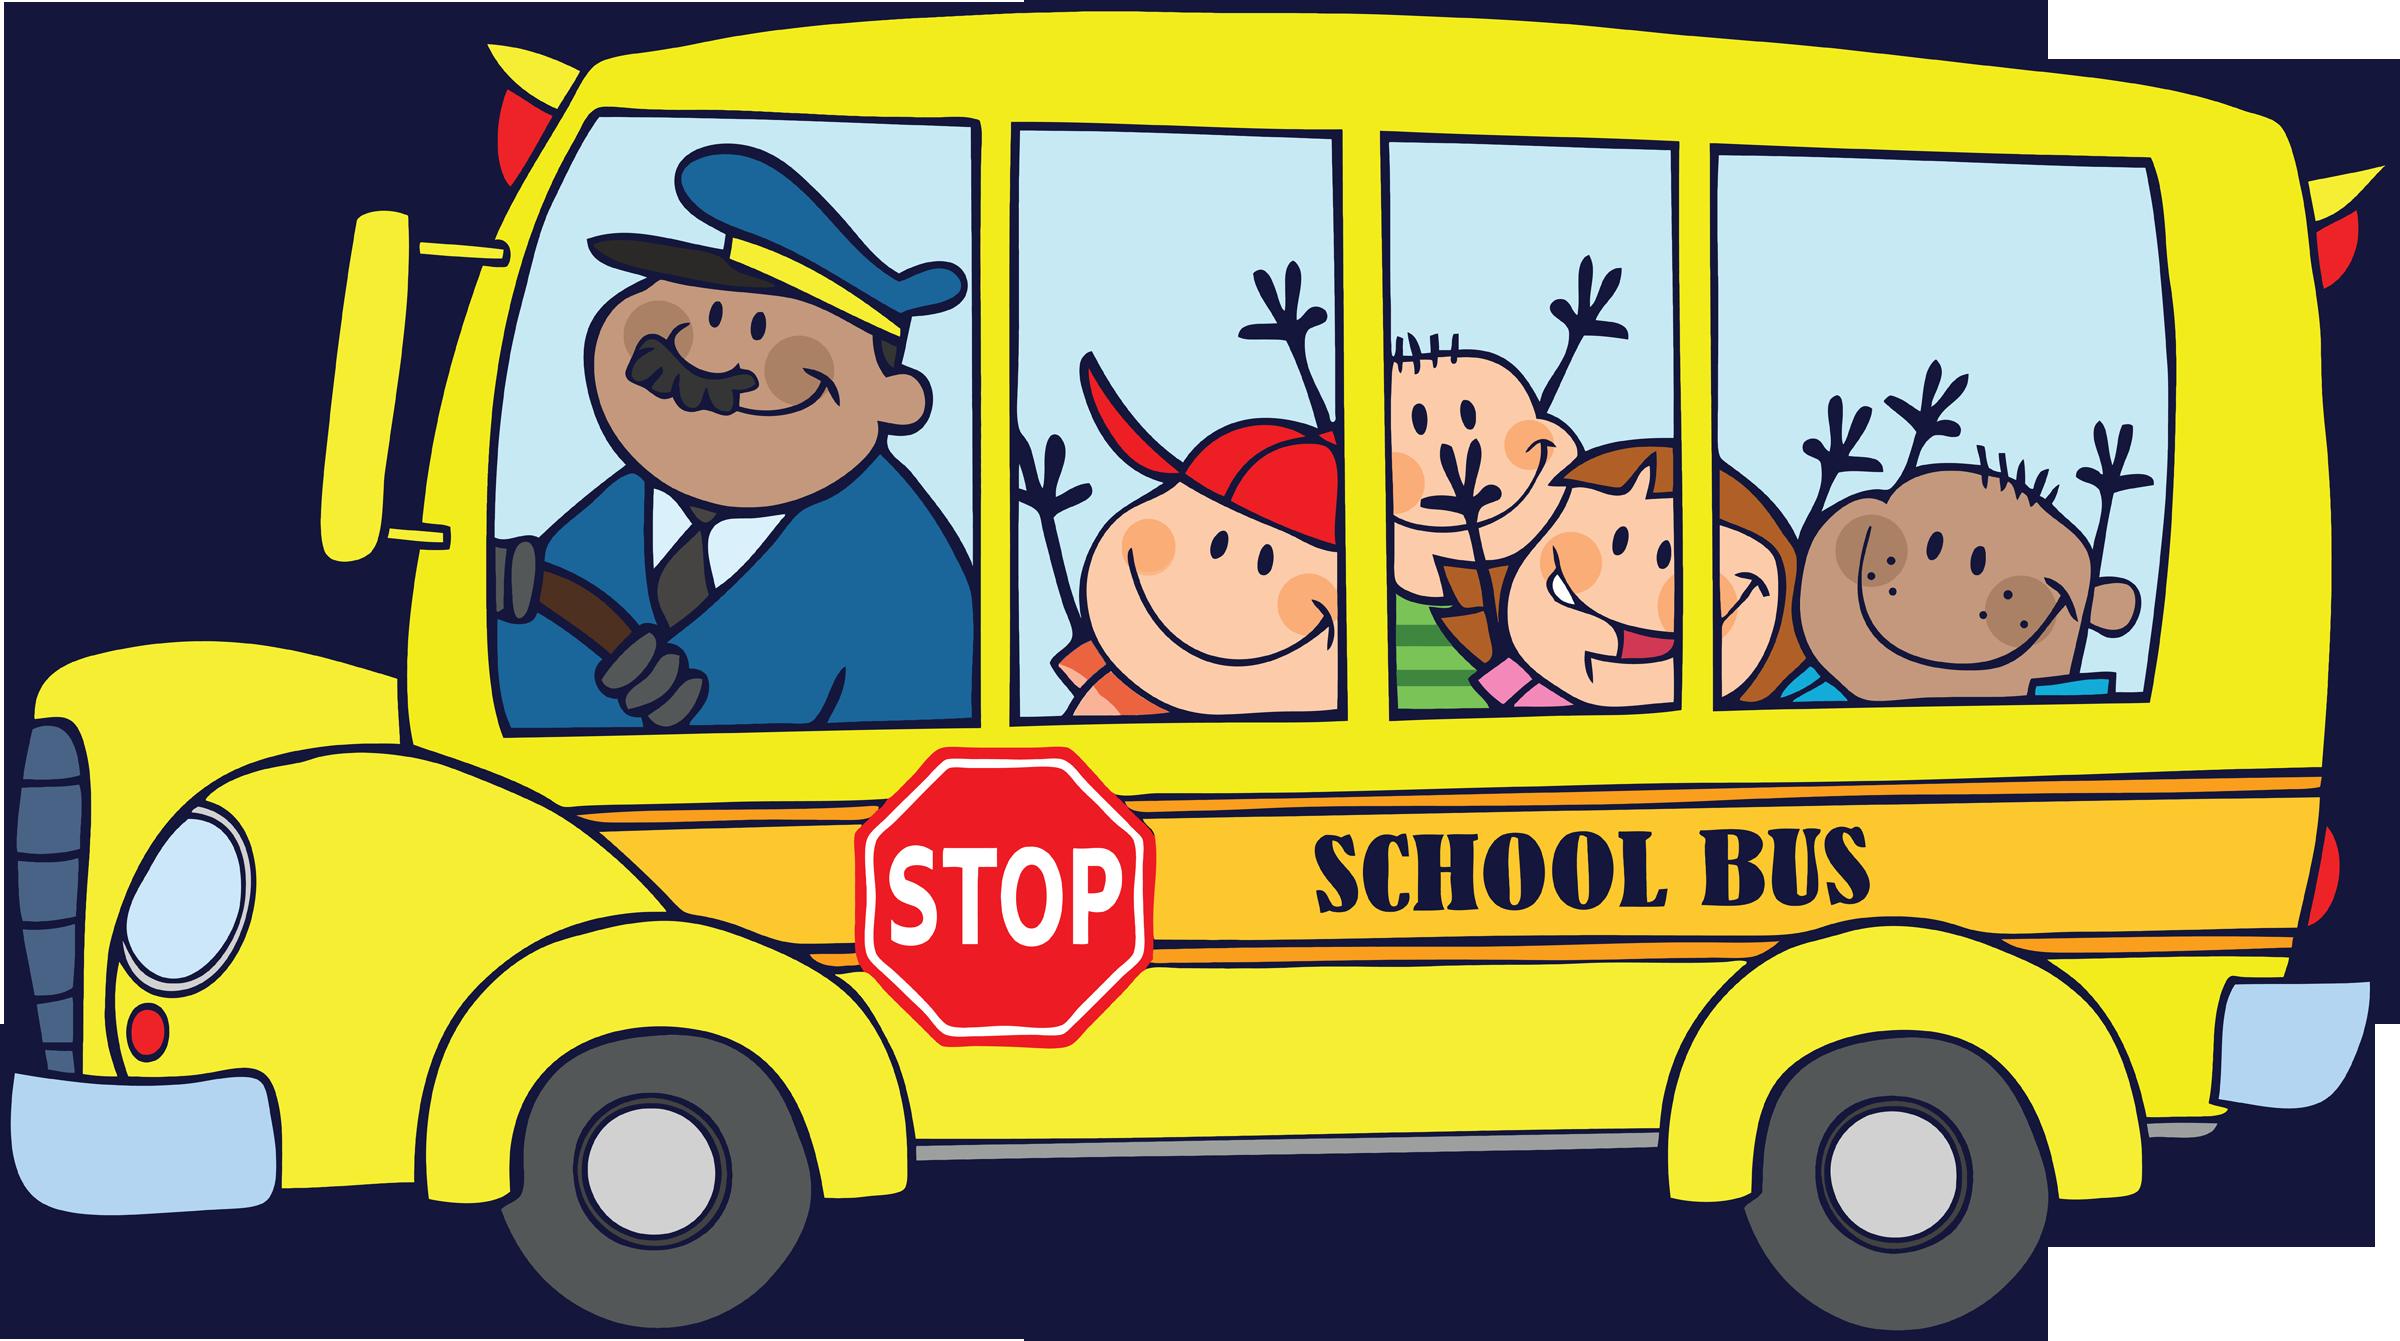 Clipart School Bus & School Bus Clip Art Images.